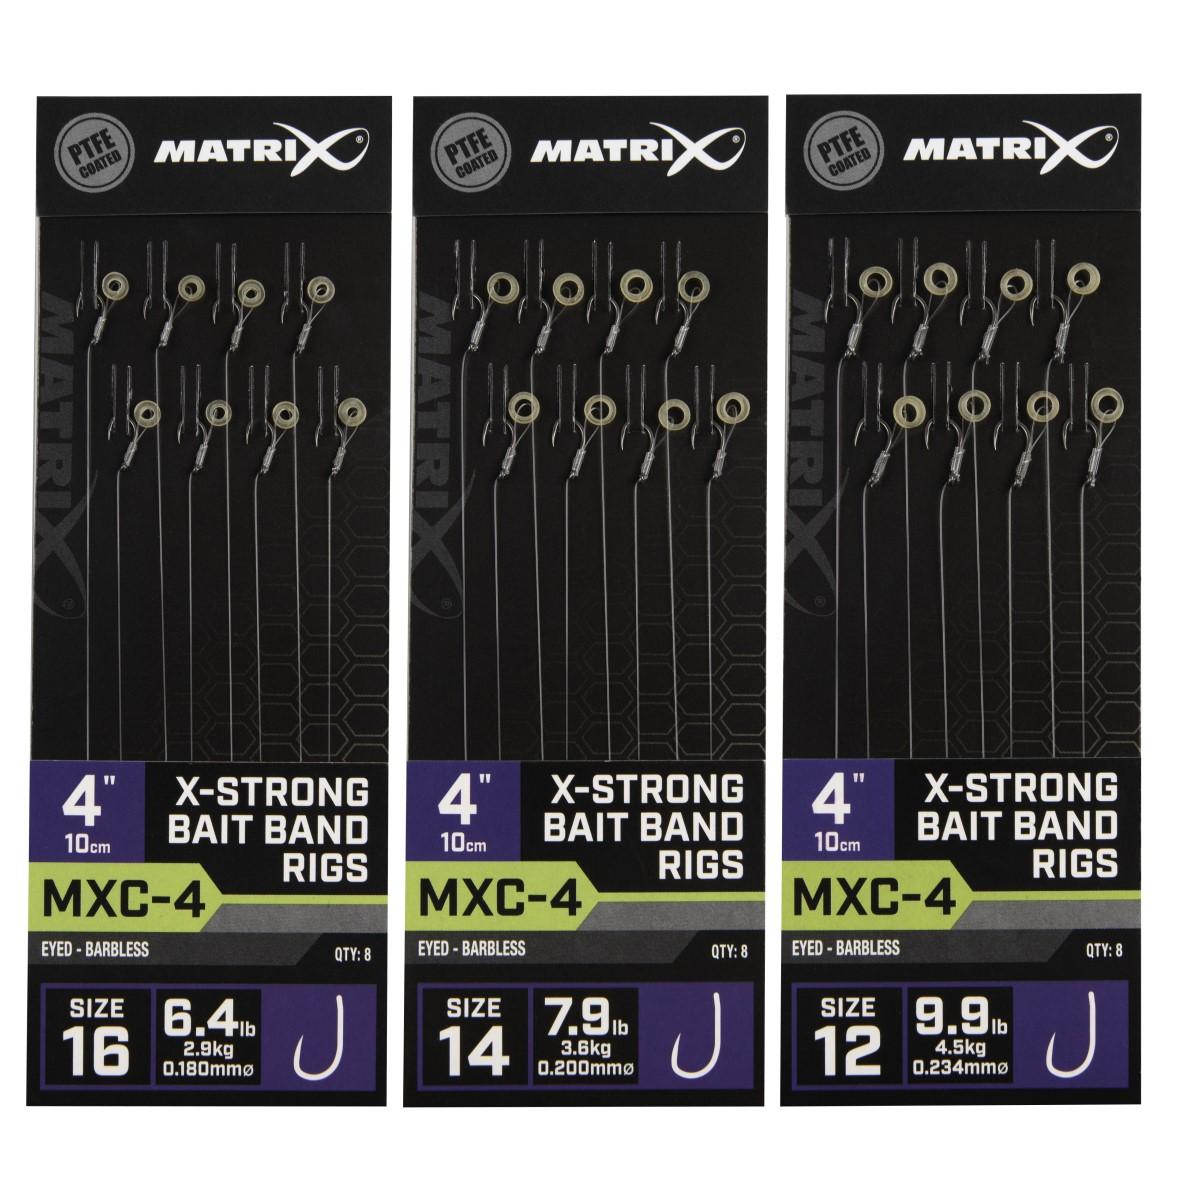 Вързани куки Matrix MXC-4 X-Strong Bait Band Rigs 10cm